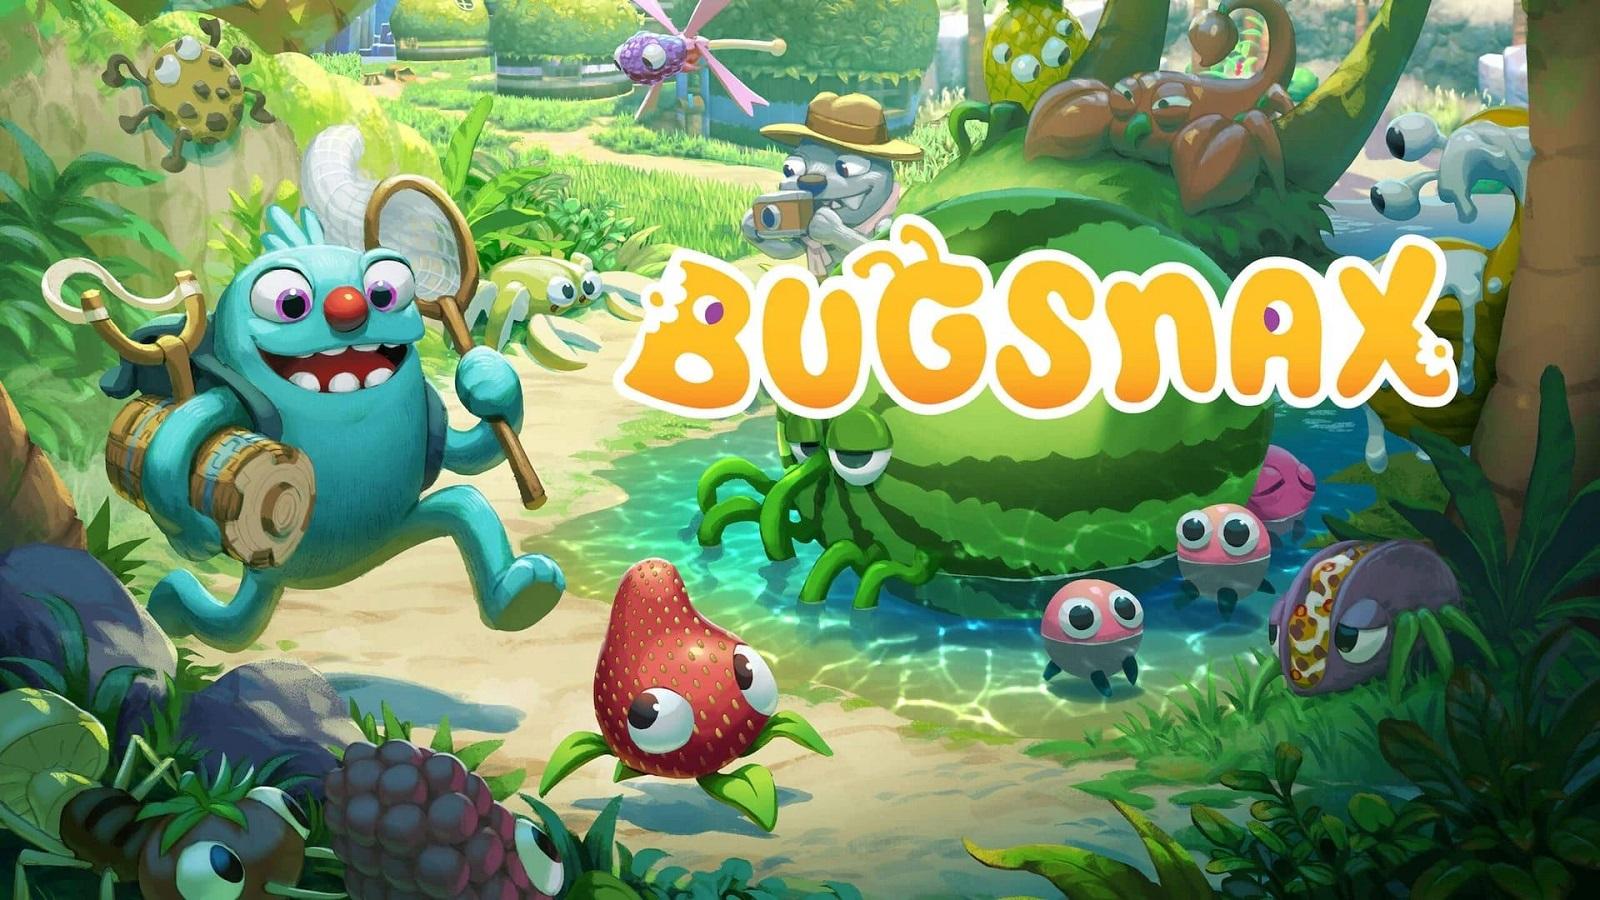 Bugsnax стартовала на консолях PlayStation лучше Octodad, несмотря на пребывание в PS Plus